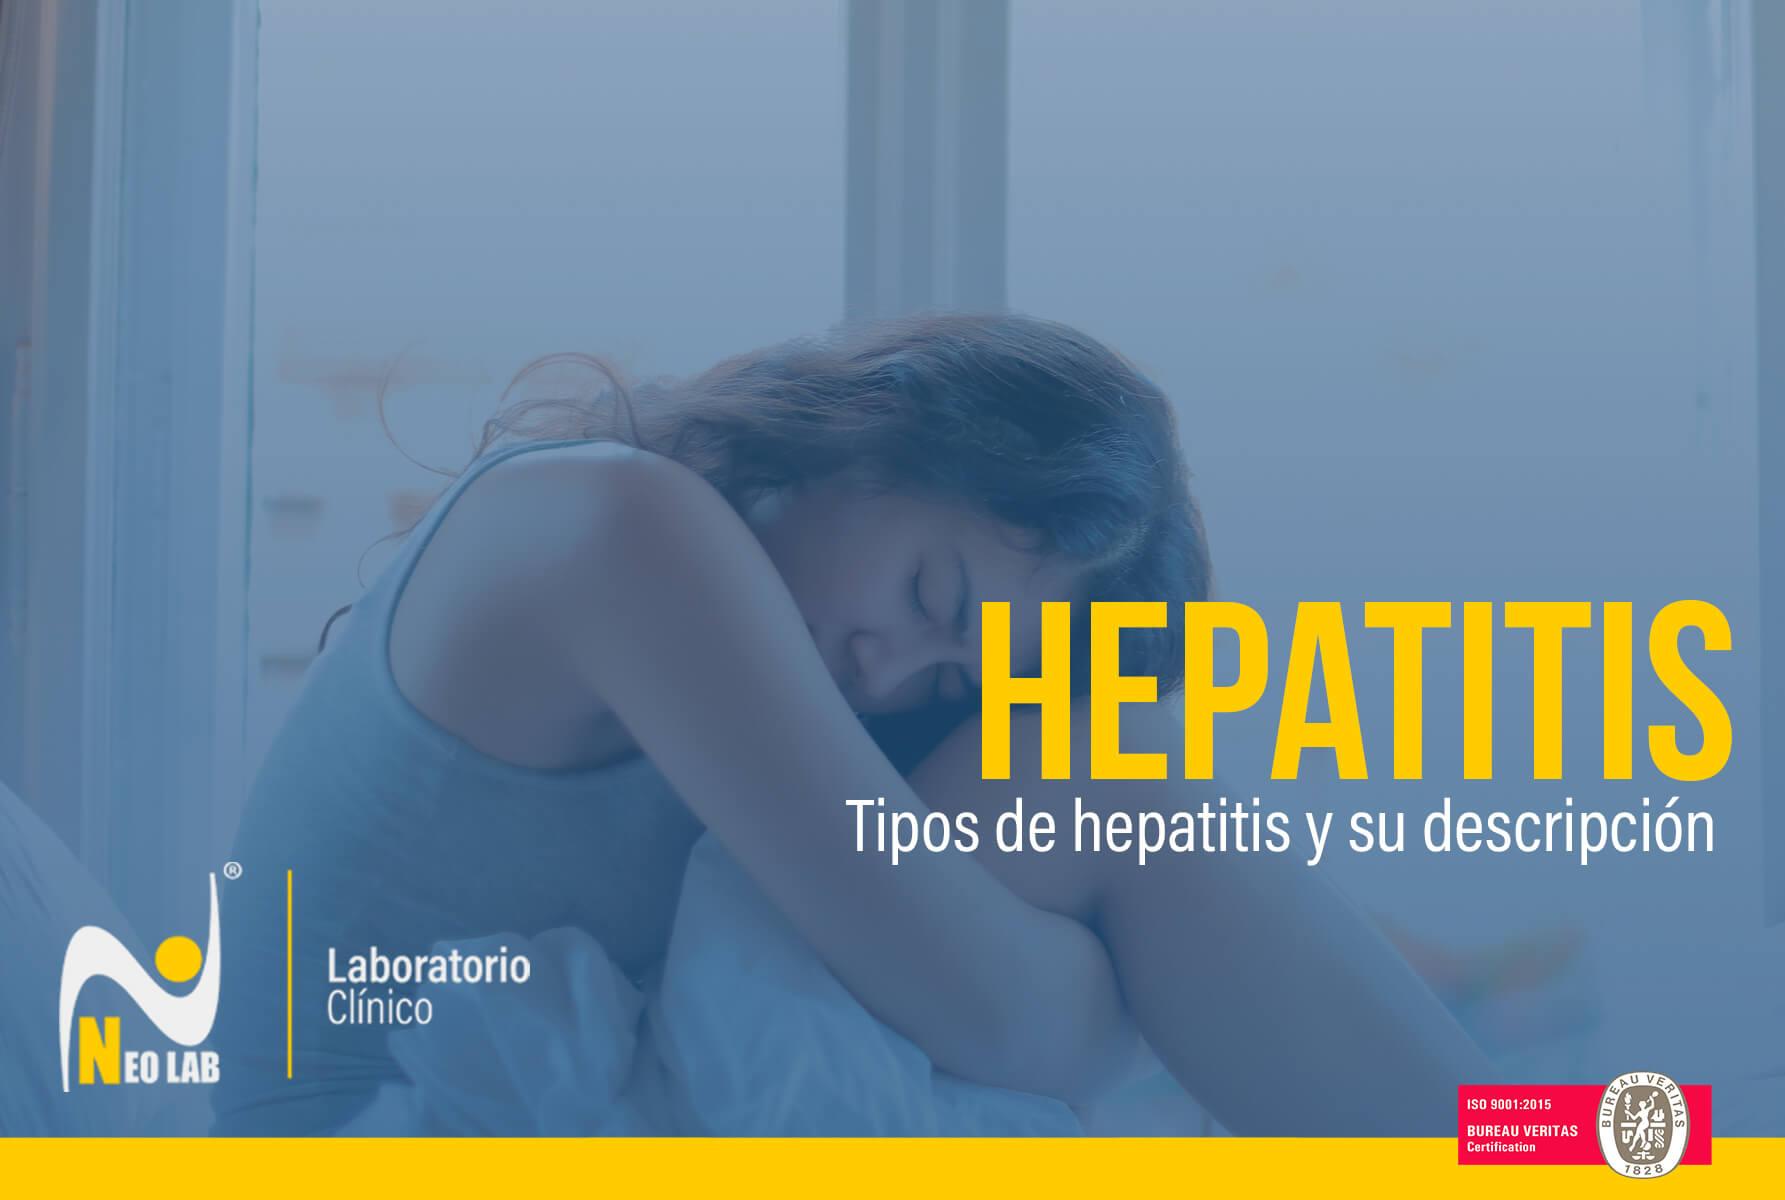 Neolab-laboratorio-clínico-tipos de hepatitis